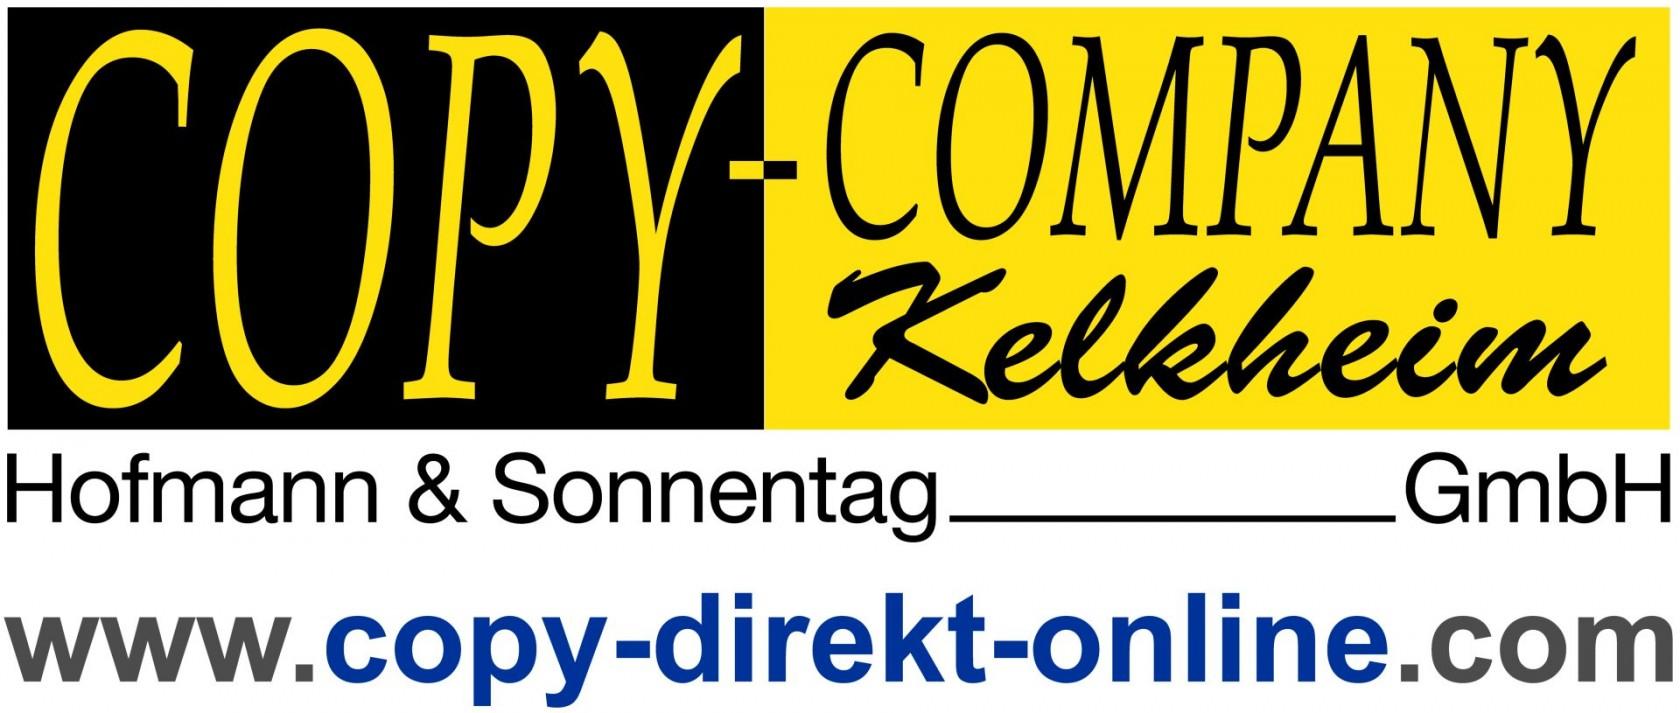 Copy Company Logo